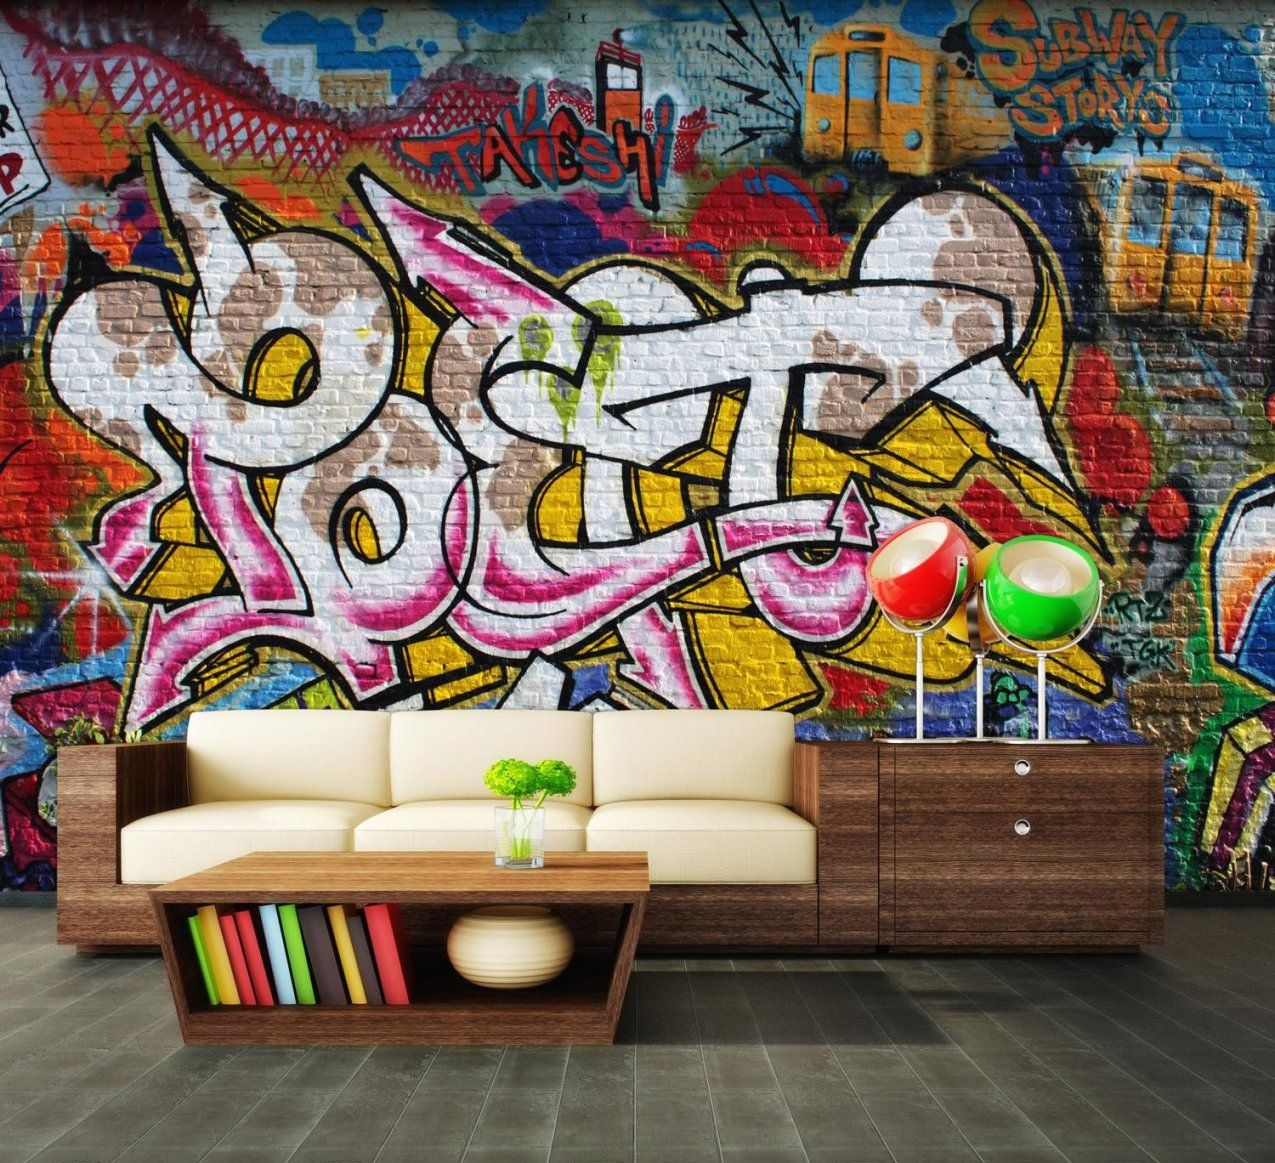 graffiti tapete selbst gestalten | haus design ideen